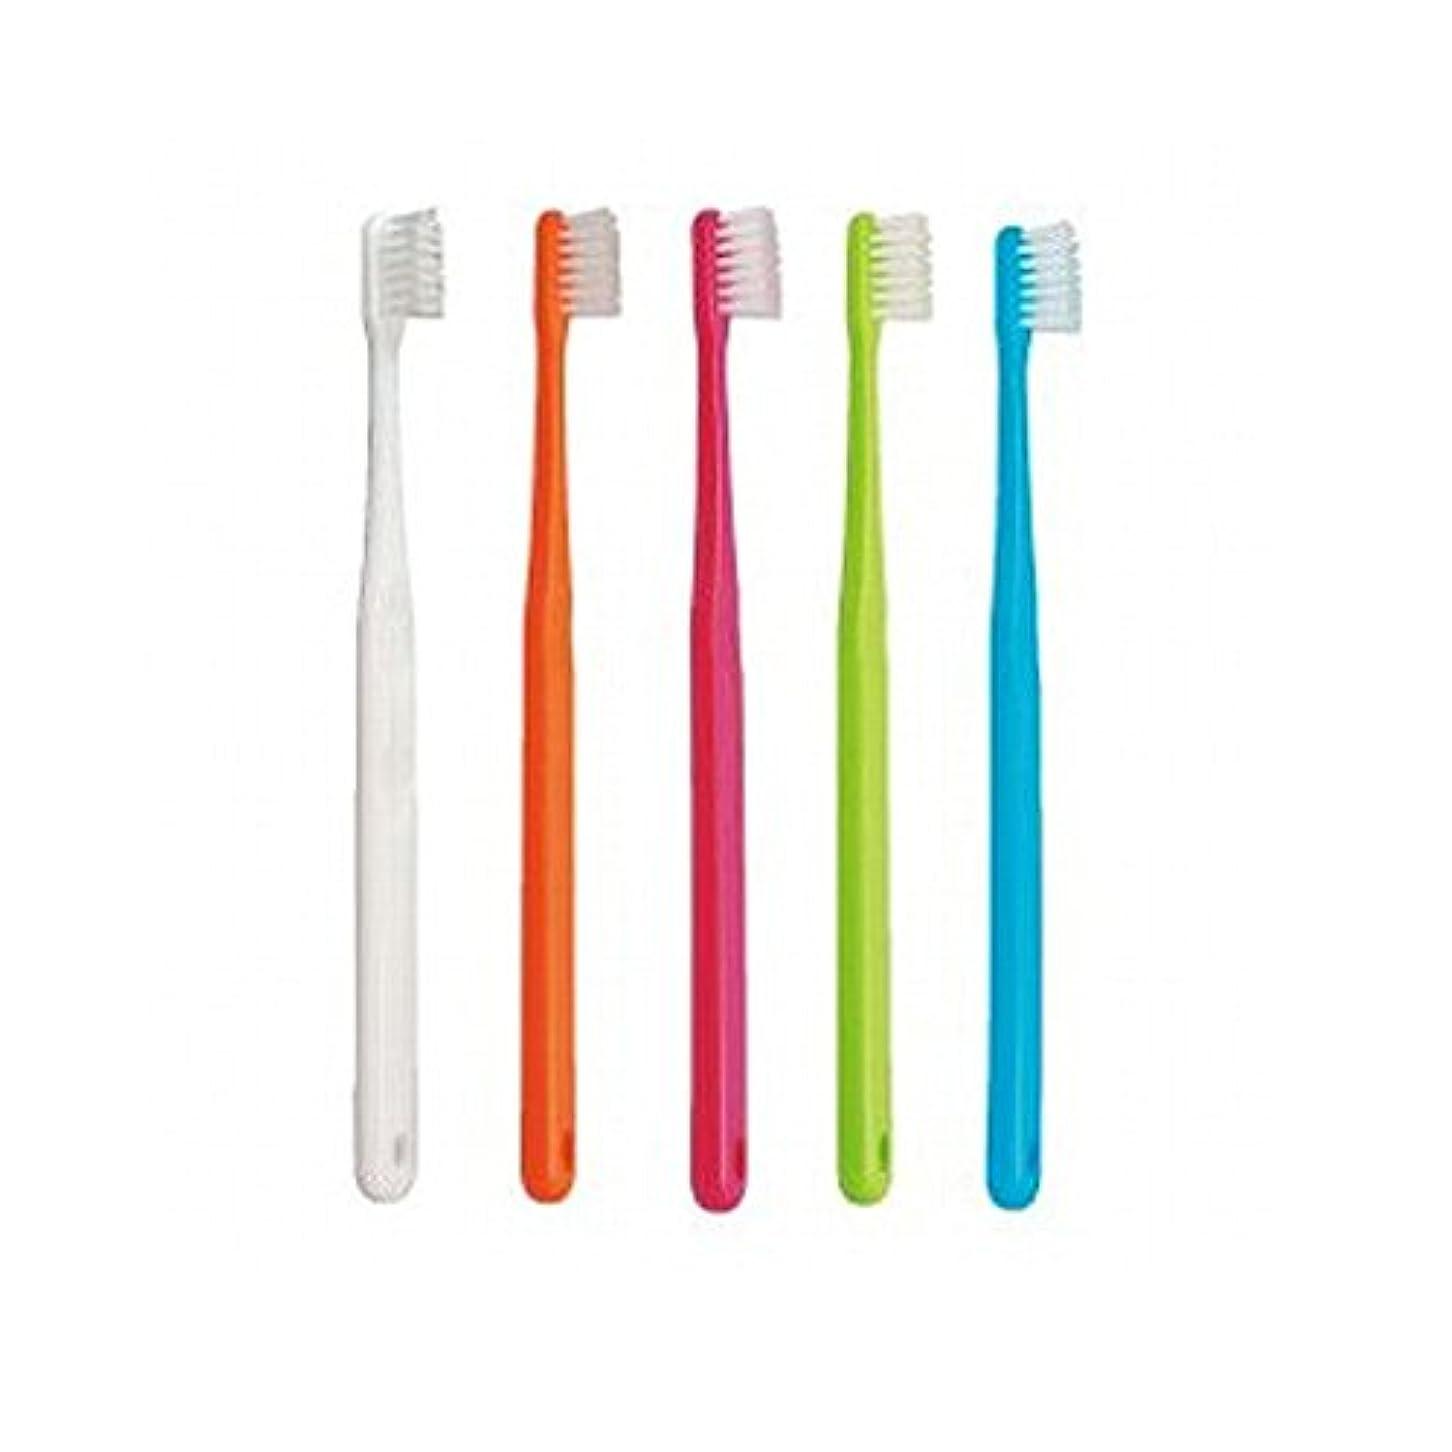 品種パプアニューギニアサリー【Ci/シーアイ】【歯科用】Ci701 25本【歯ブラシ】【ややかため】【極薄ヘッド】ハンドルカラー5色選択不可